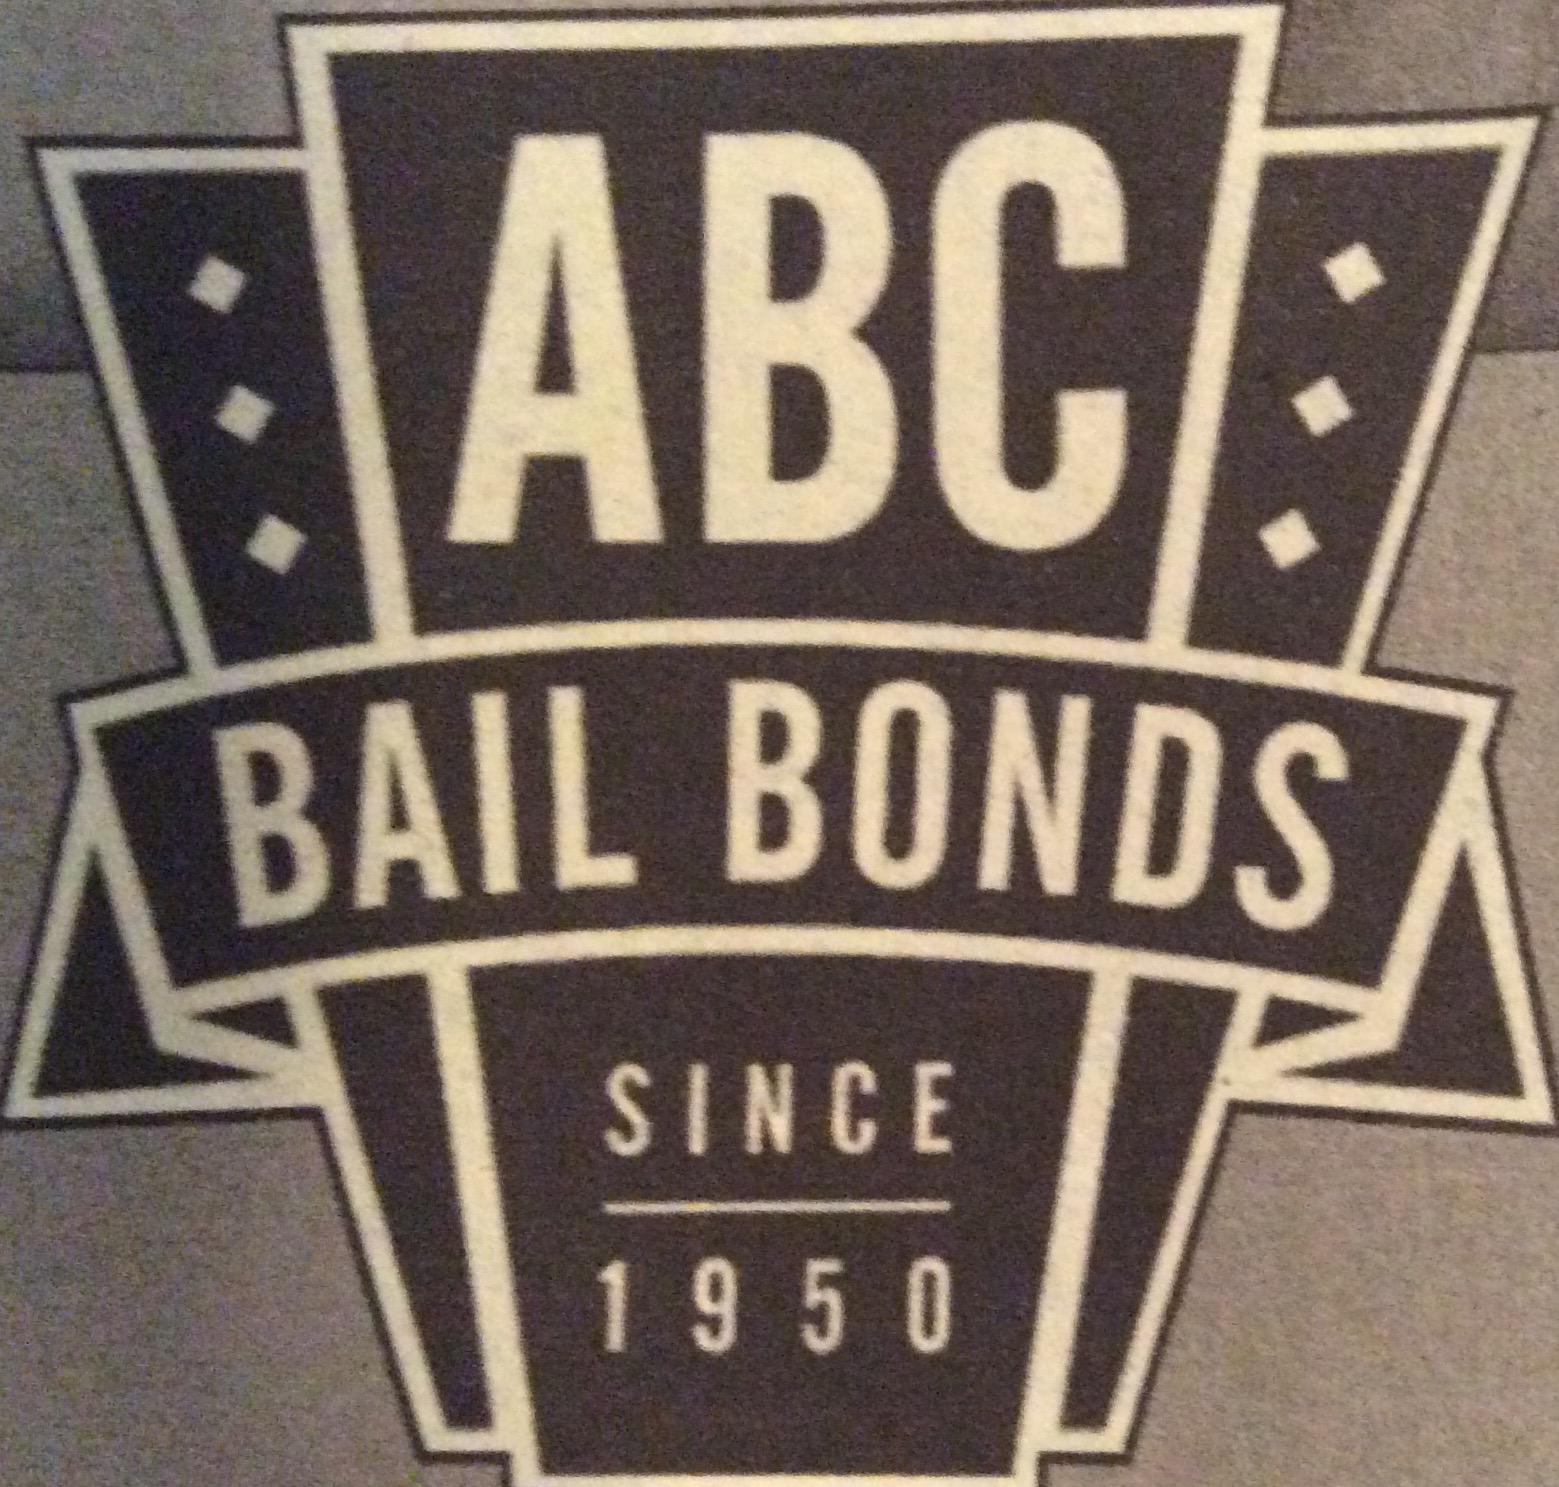 ABC Bail Bonds